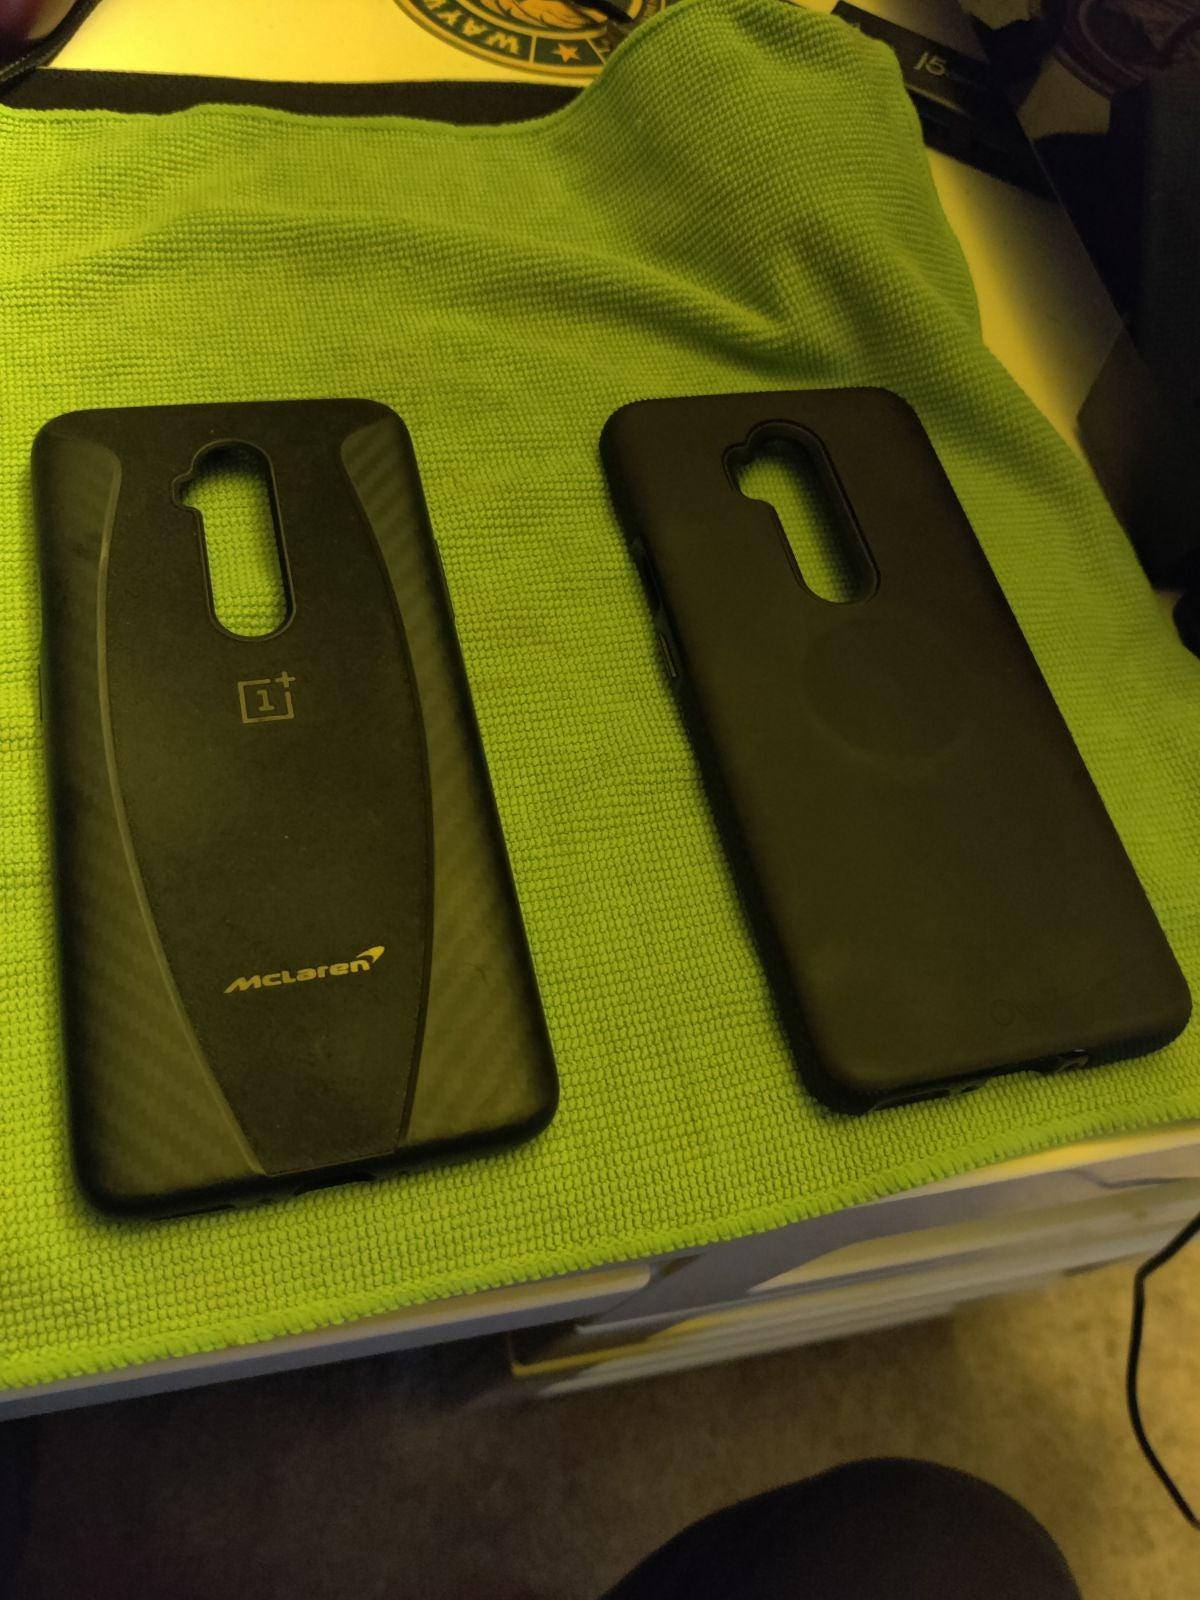 OnePlus 7t pro McLaren Phone cases